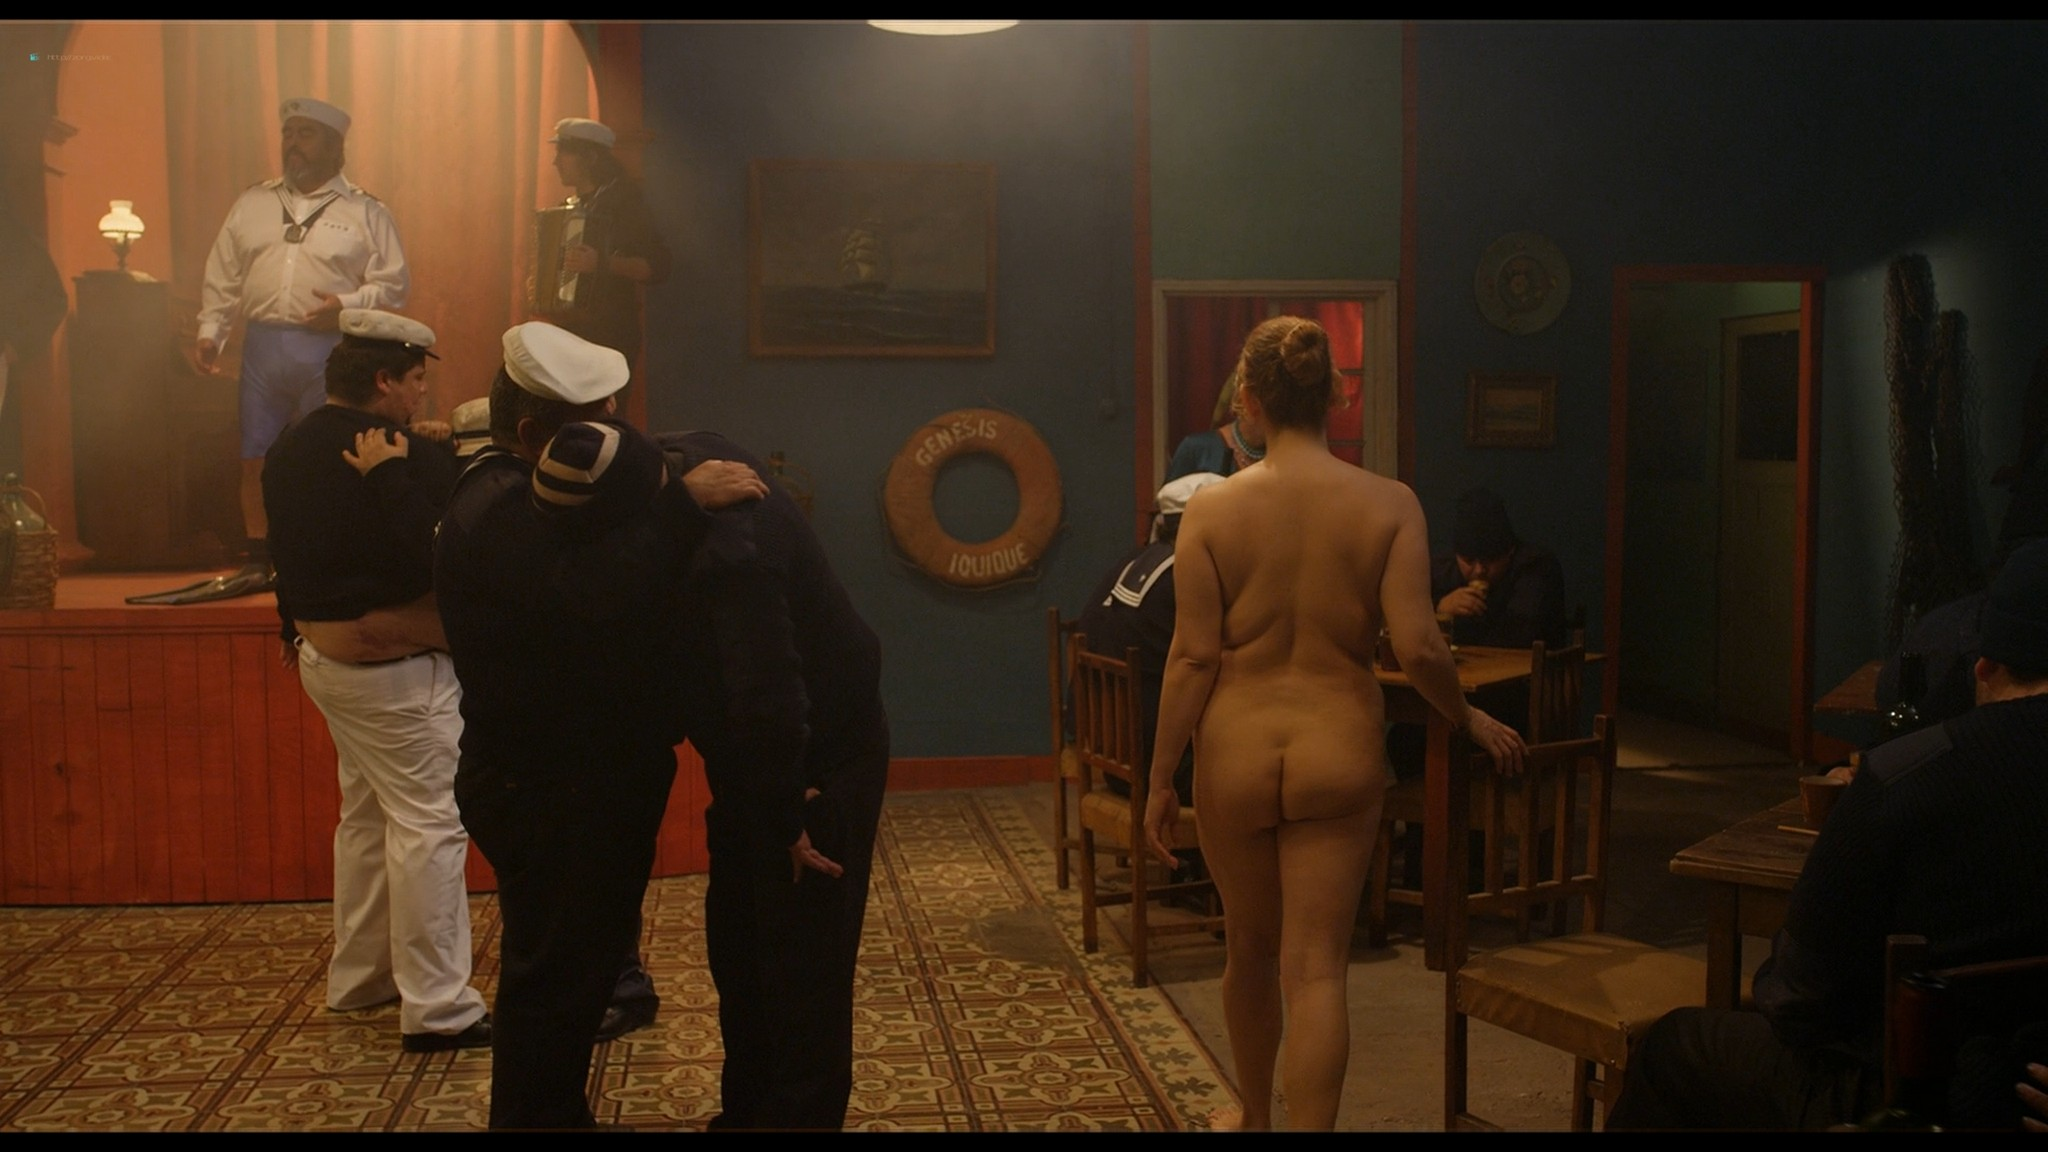 Pamela Flores nude full frontal - La danza de la realidad (2013) HD 1080p BluRay REMUX (5)